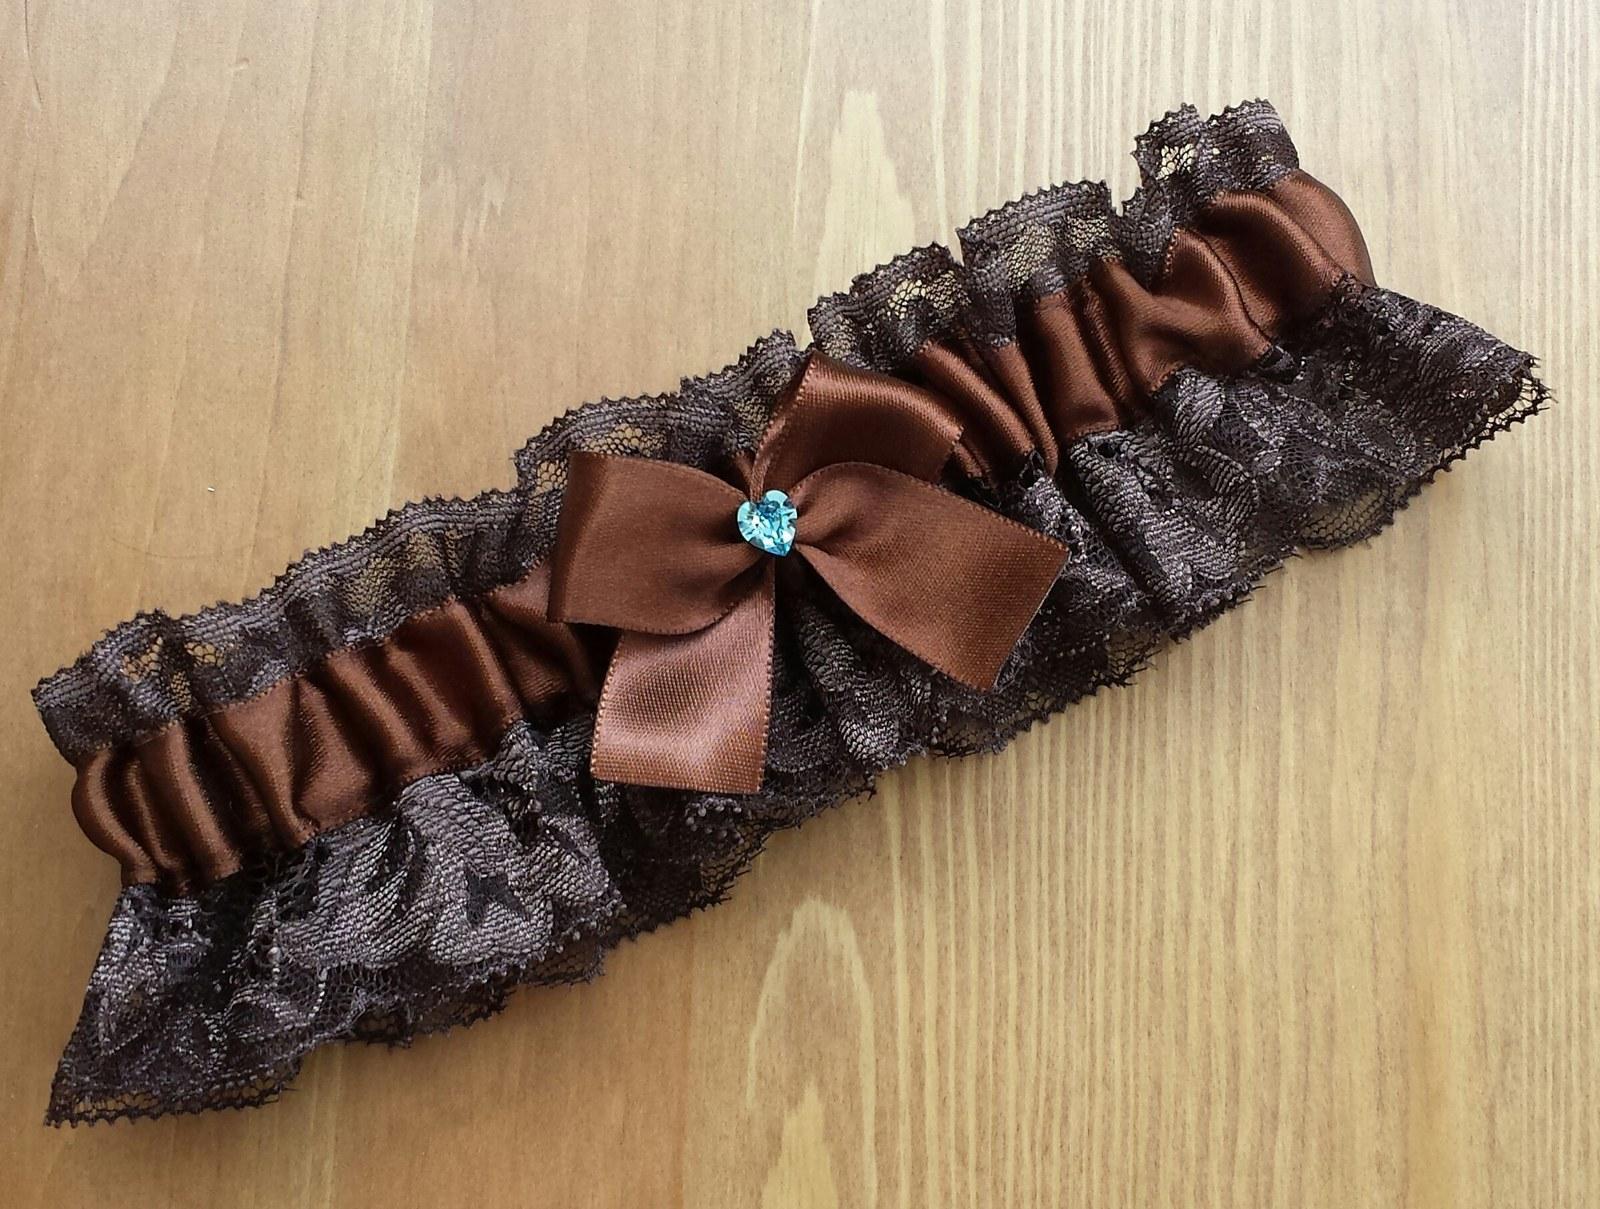 Krajkový čokoládový SW podvazek - Obrázek č. 1